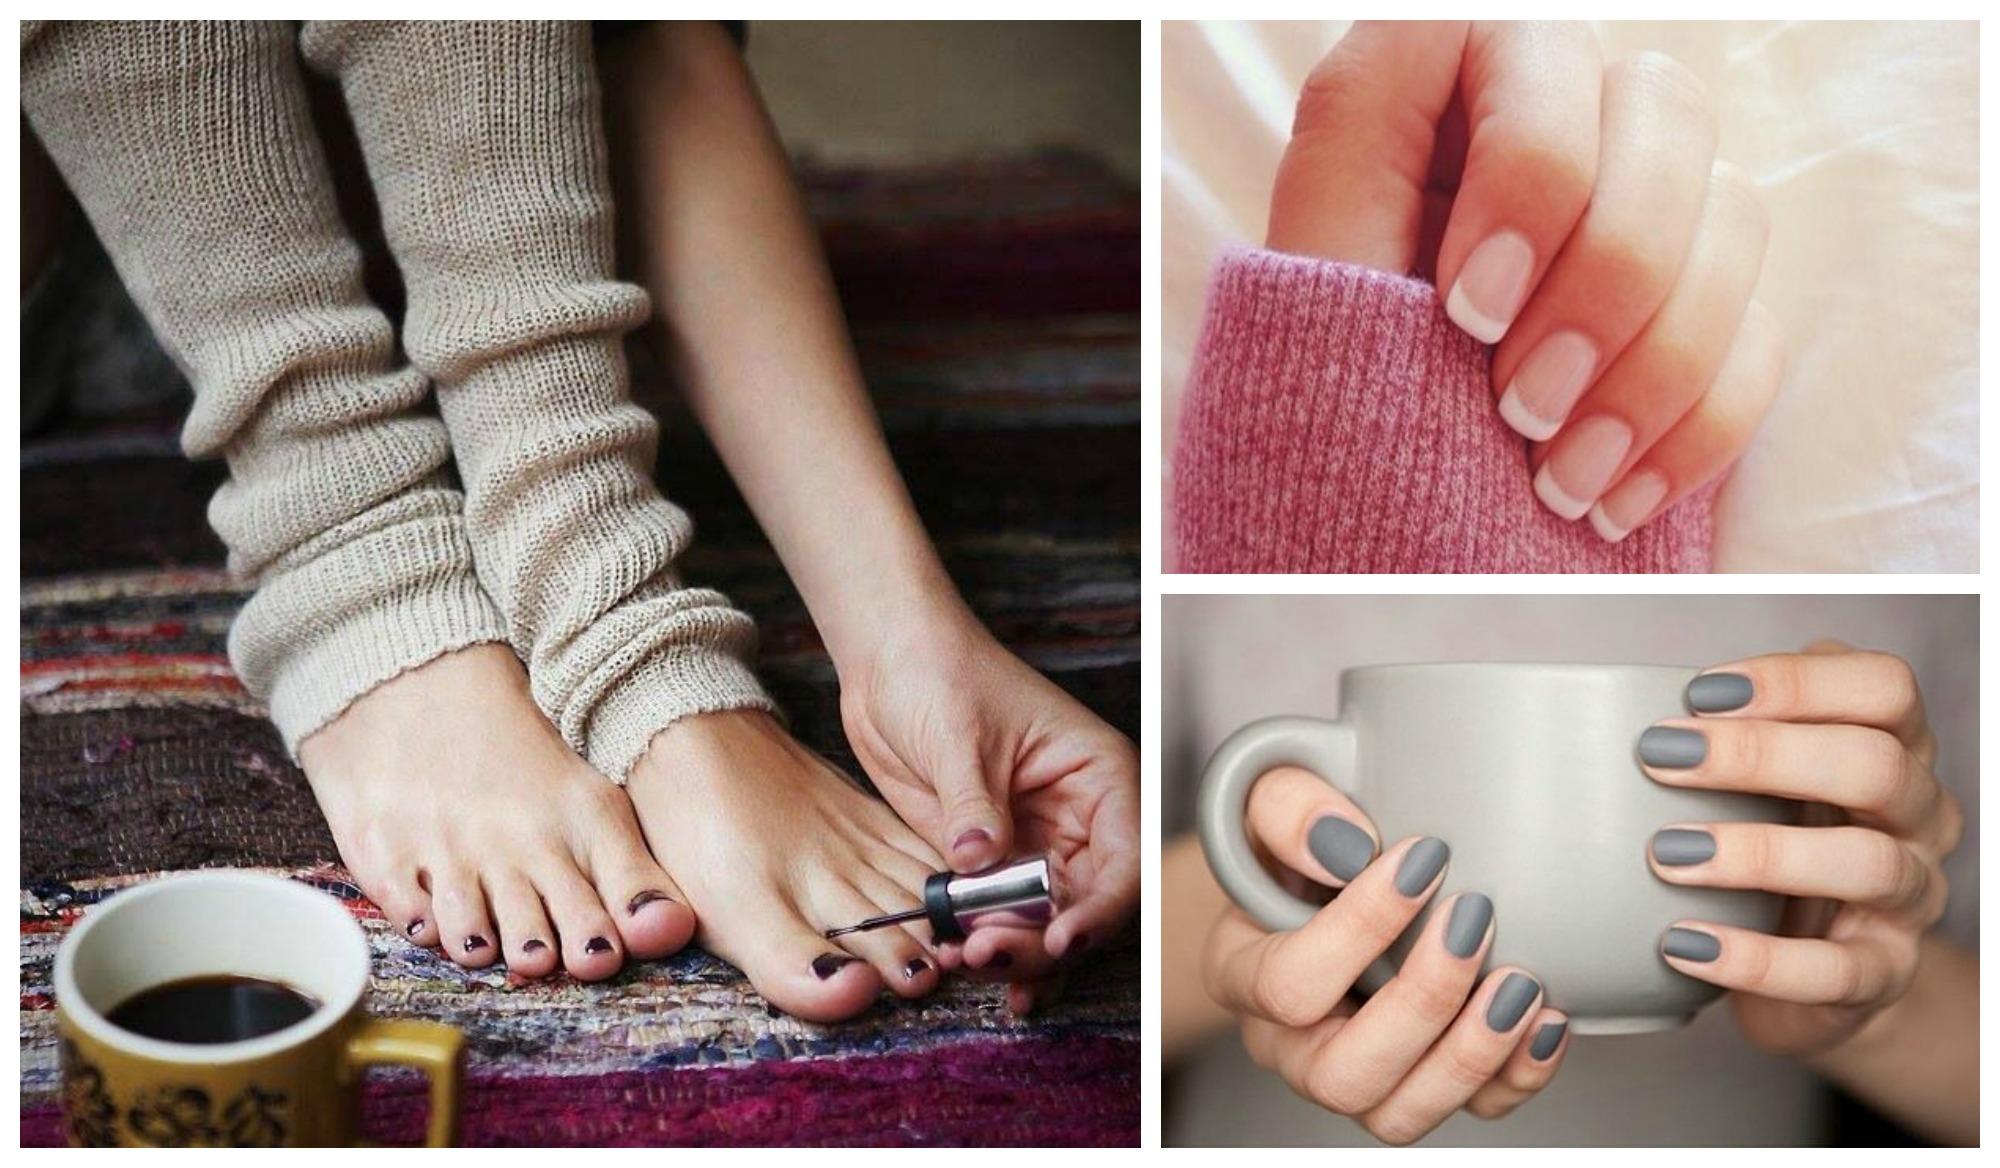 nail-art-11-conseils-pour-des-ongles-plus-forts-3